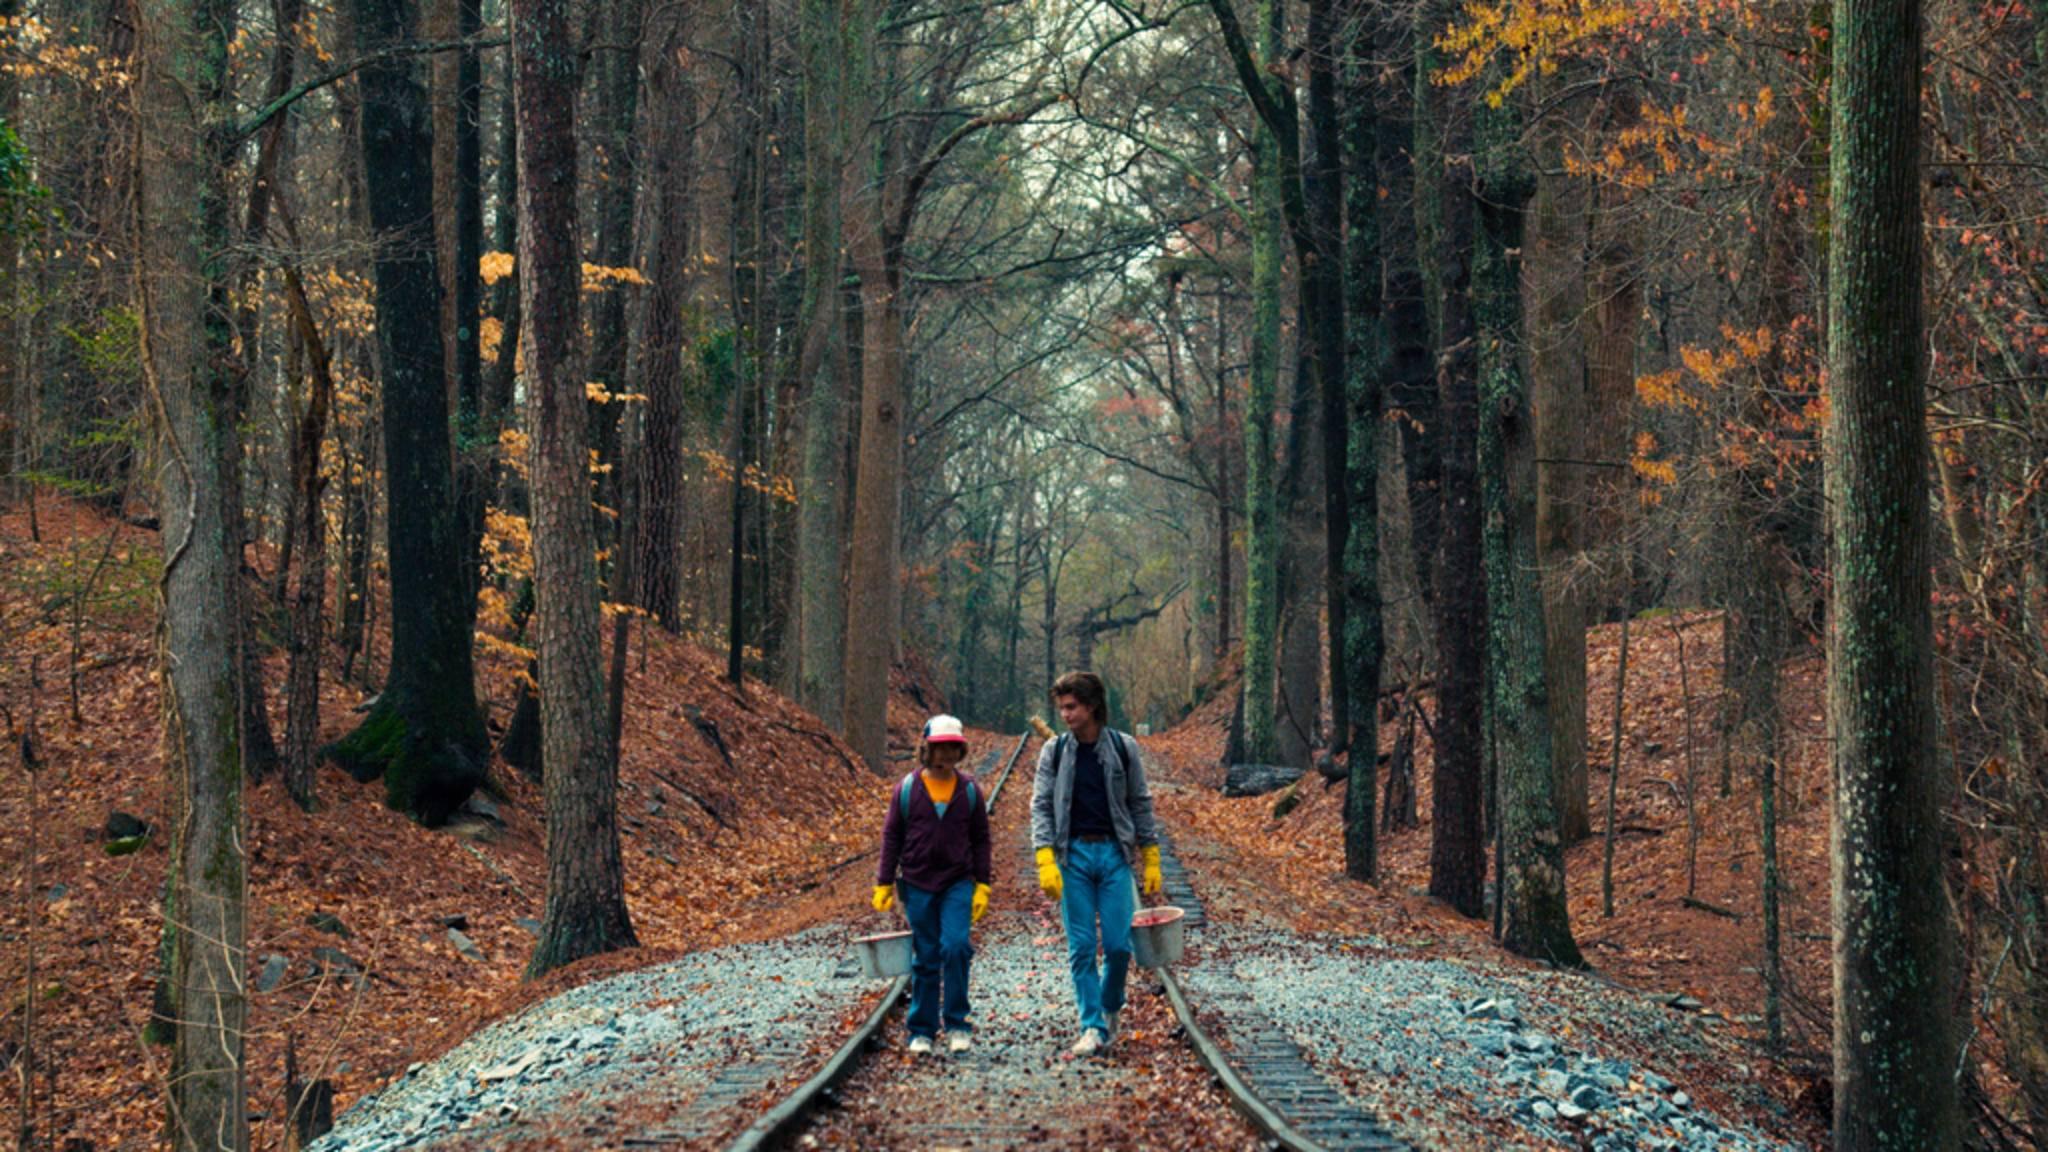 """Für Staffel 3 von """"Stranger Things"""" wünschen wir uns nicht nur schöne Filmeinstellungen."""